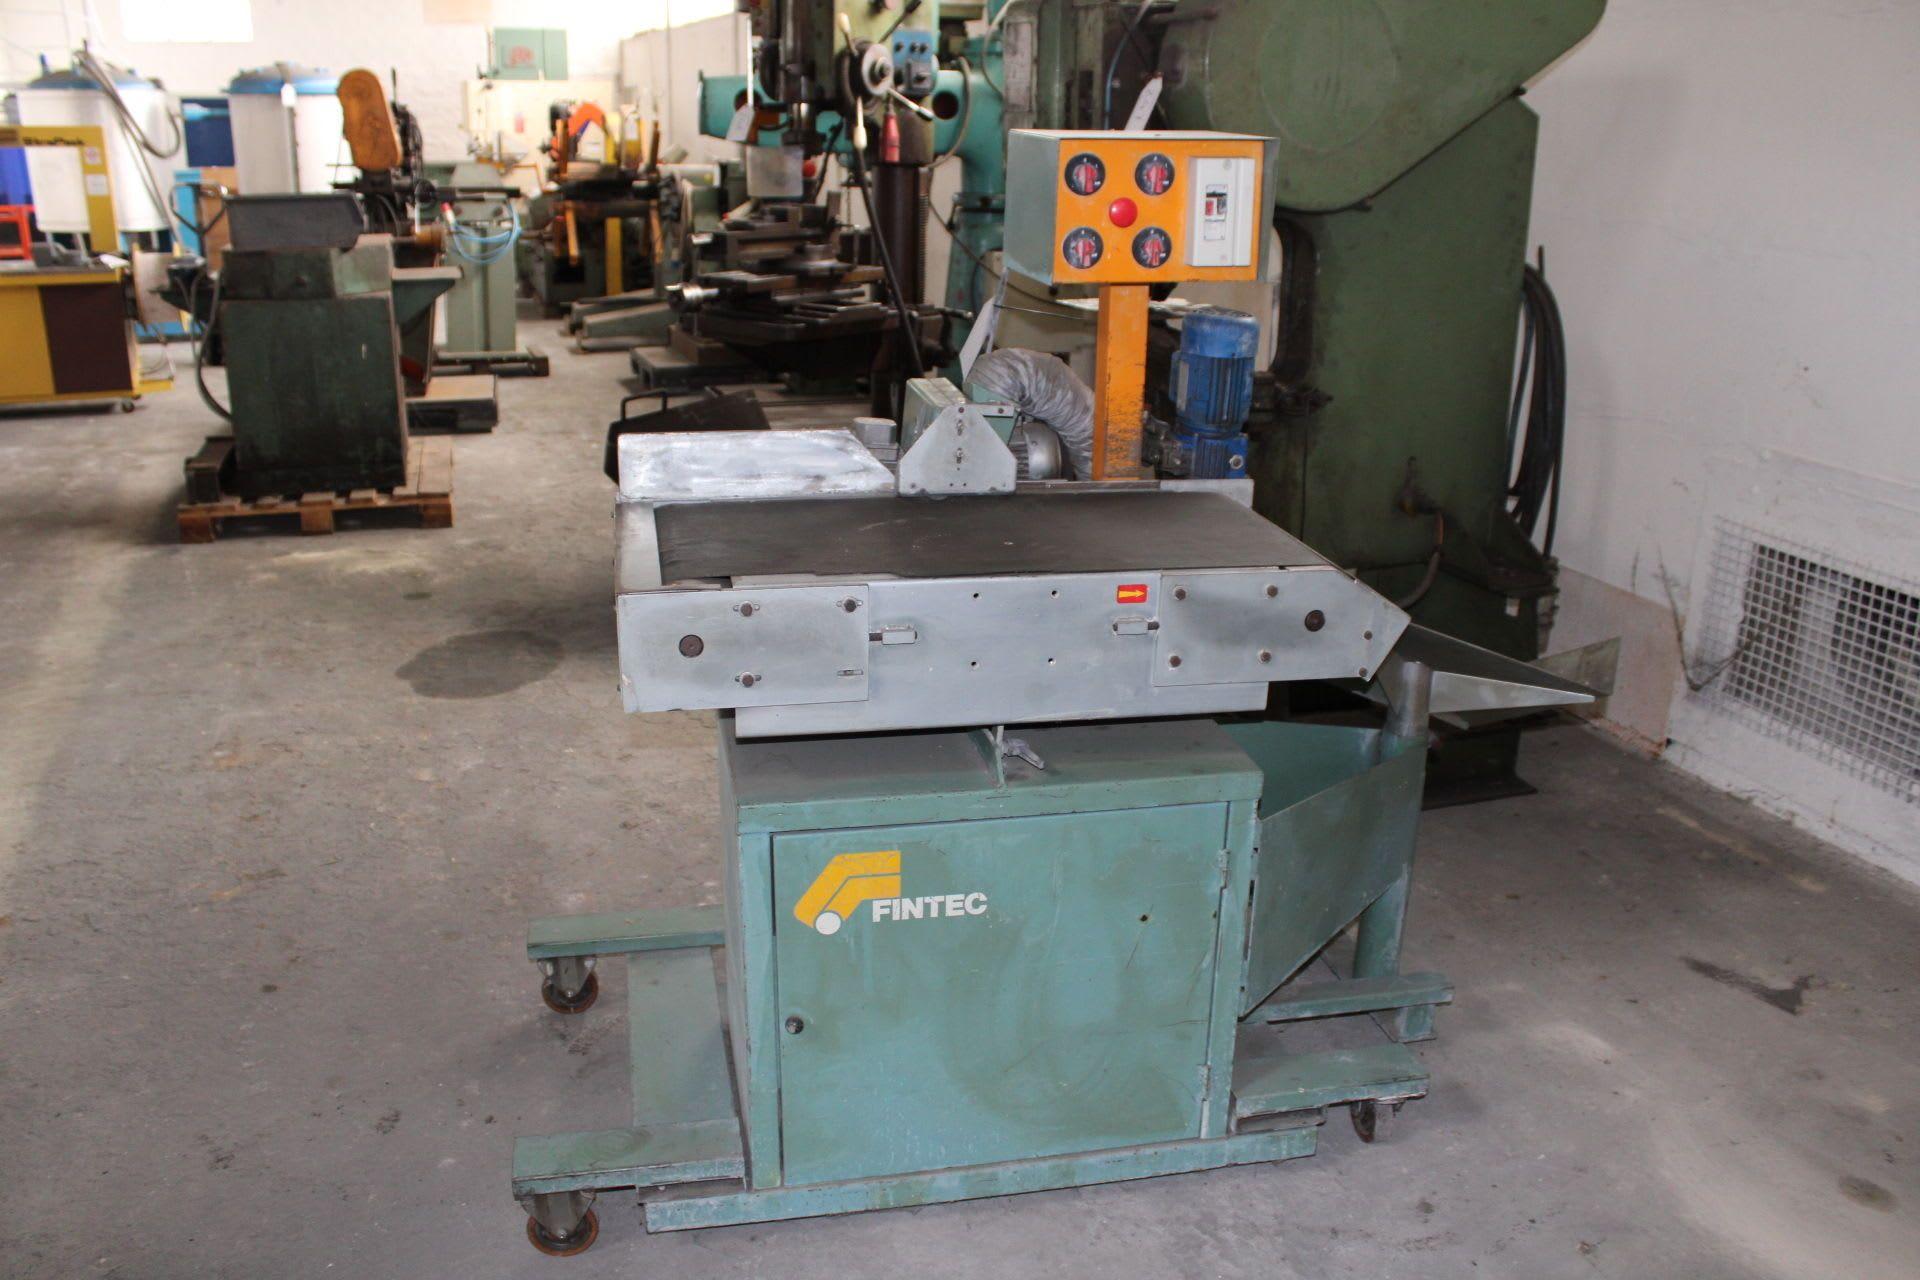 FINTEC 842 Automatische Anfasmaschine